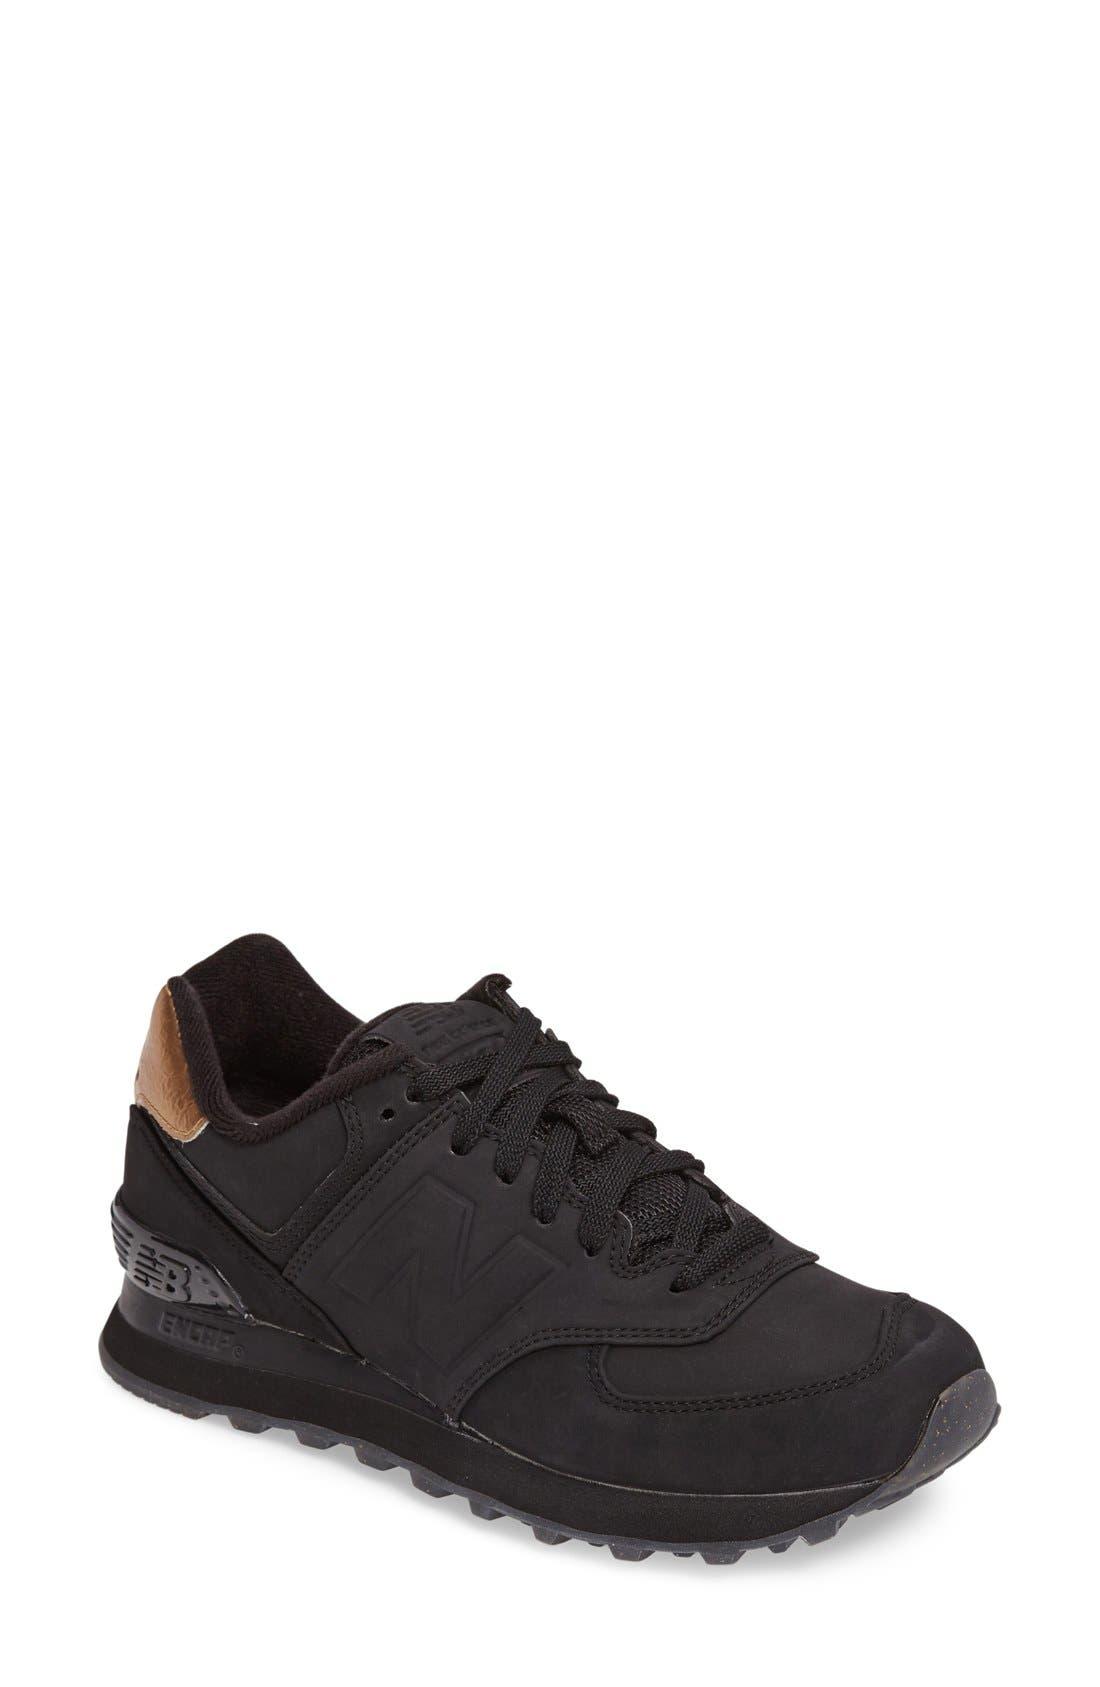 Q416 Retro 574 Sneaker,                         Main,                         color, 009